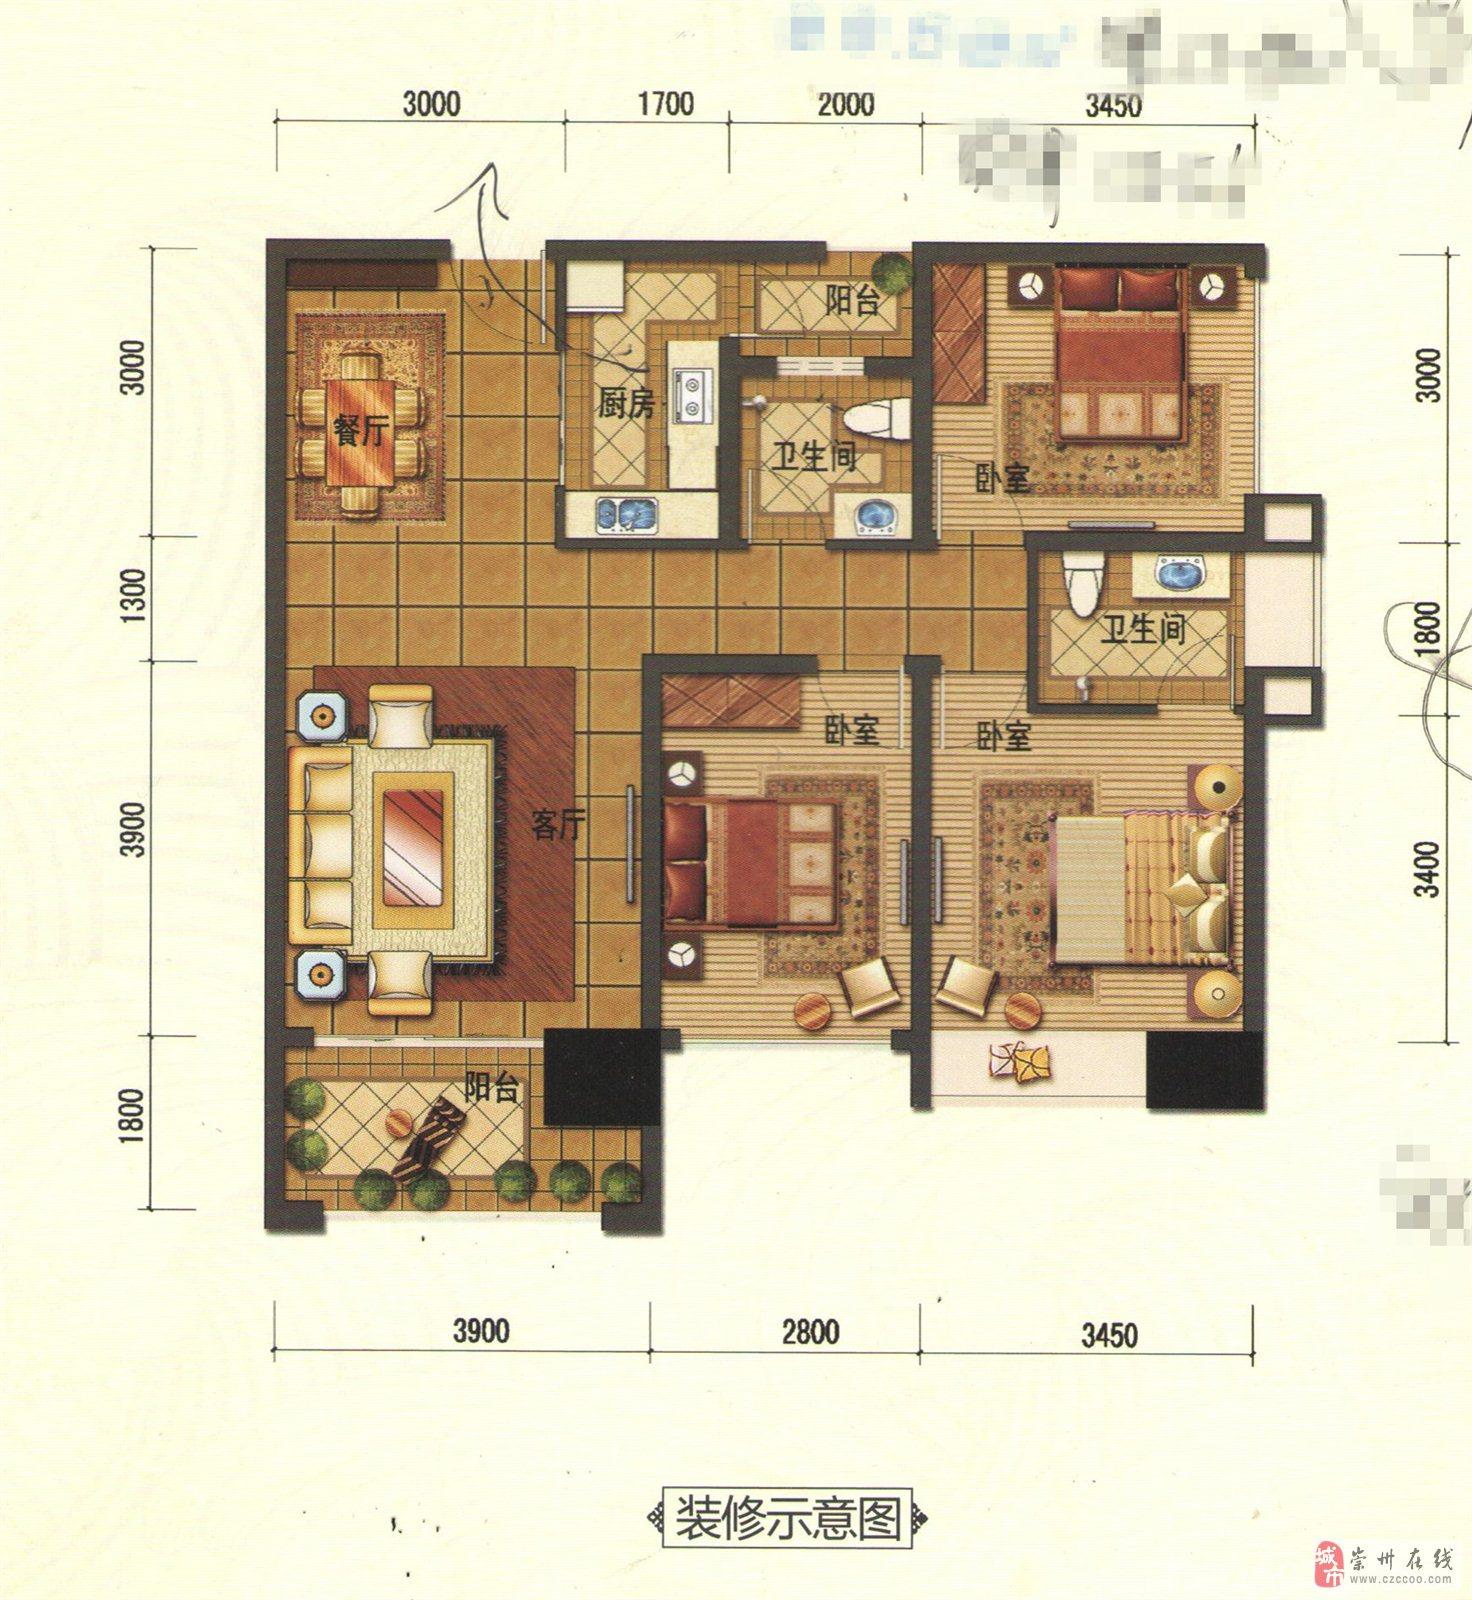 浣溪沙3室1厅2卫70万元